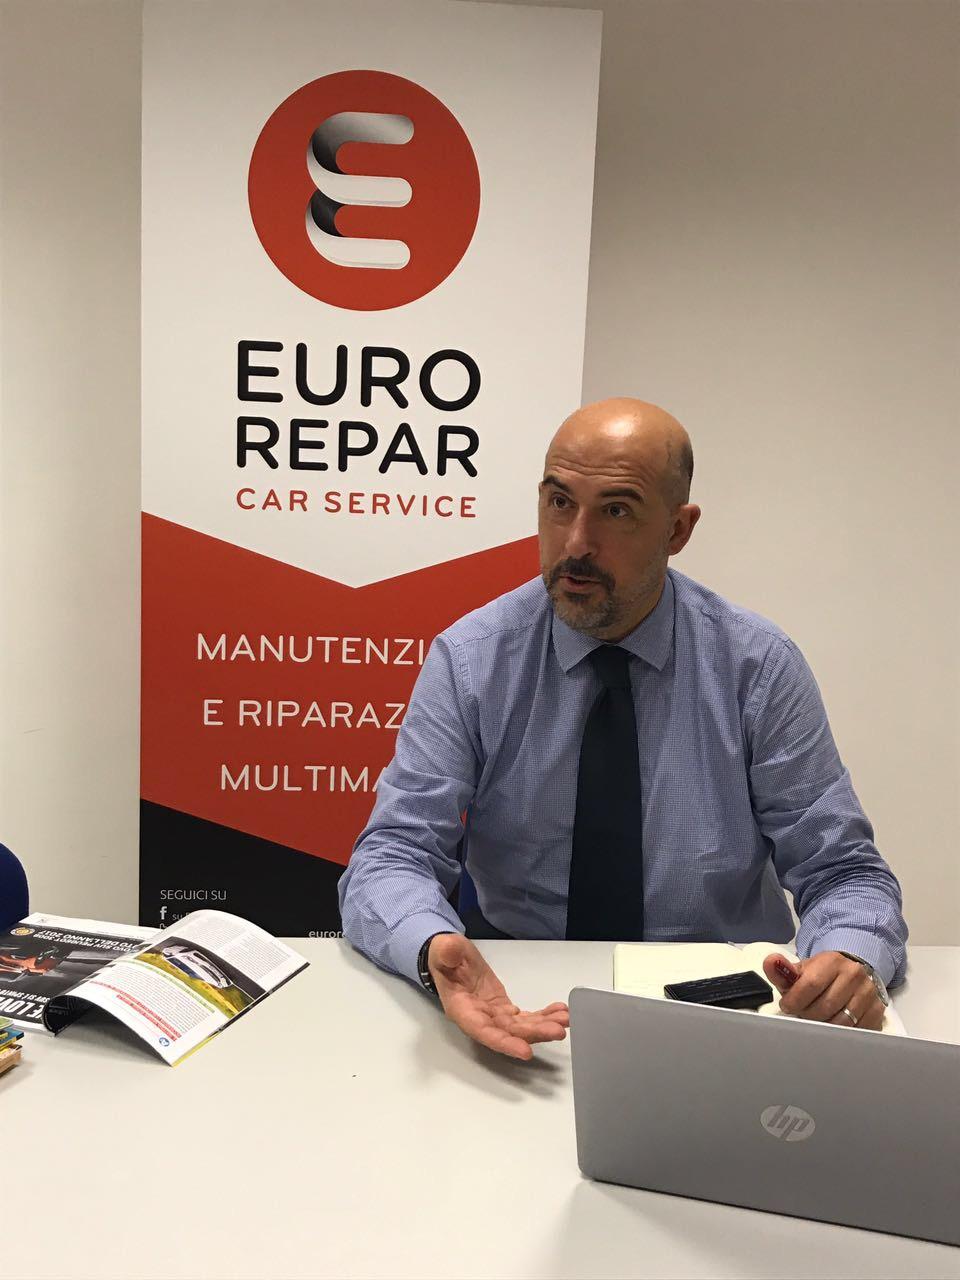 Euro Repar Car Service L Alternativa Di Qualita